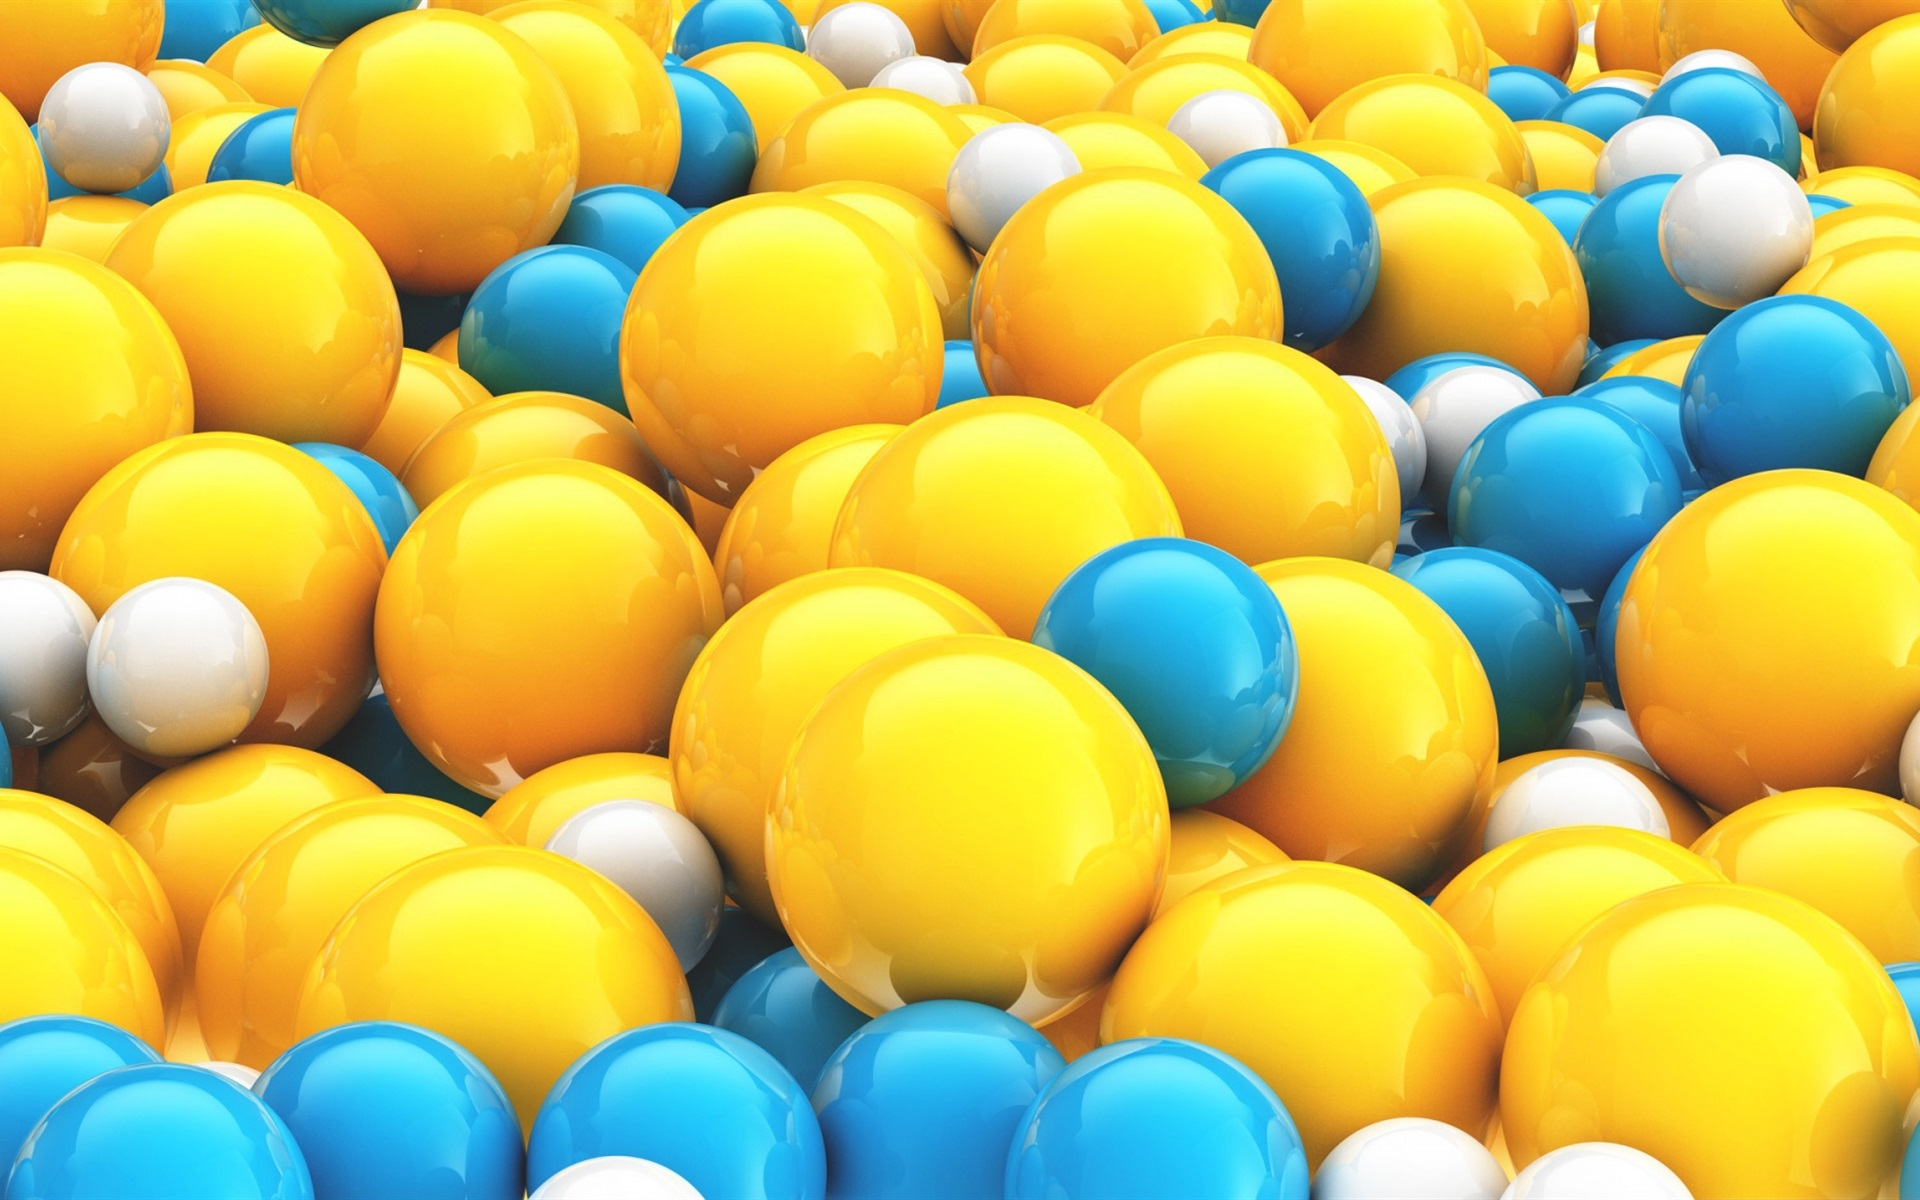 Картинки на рабочий стол желтые и синие